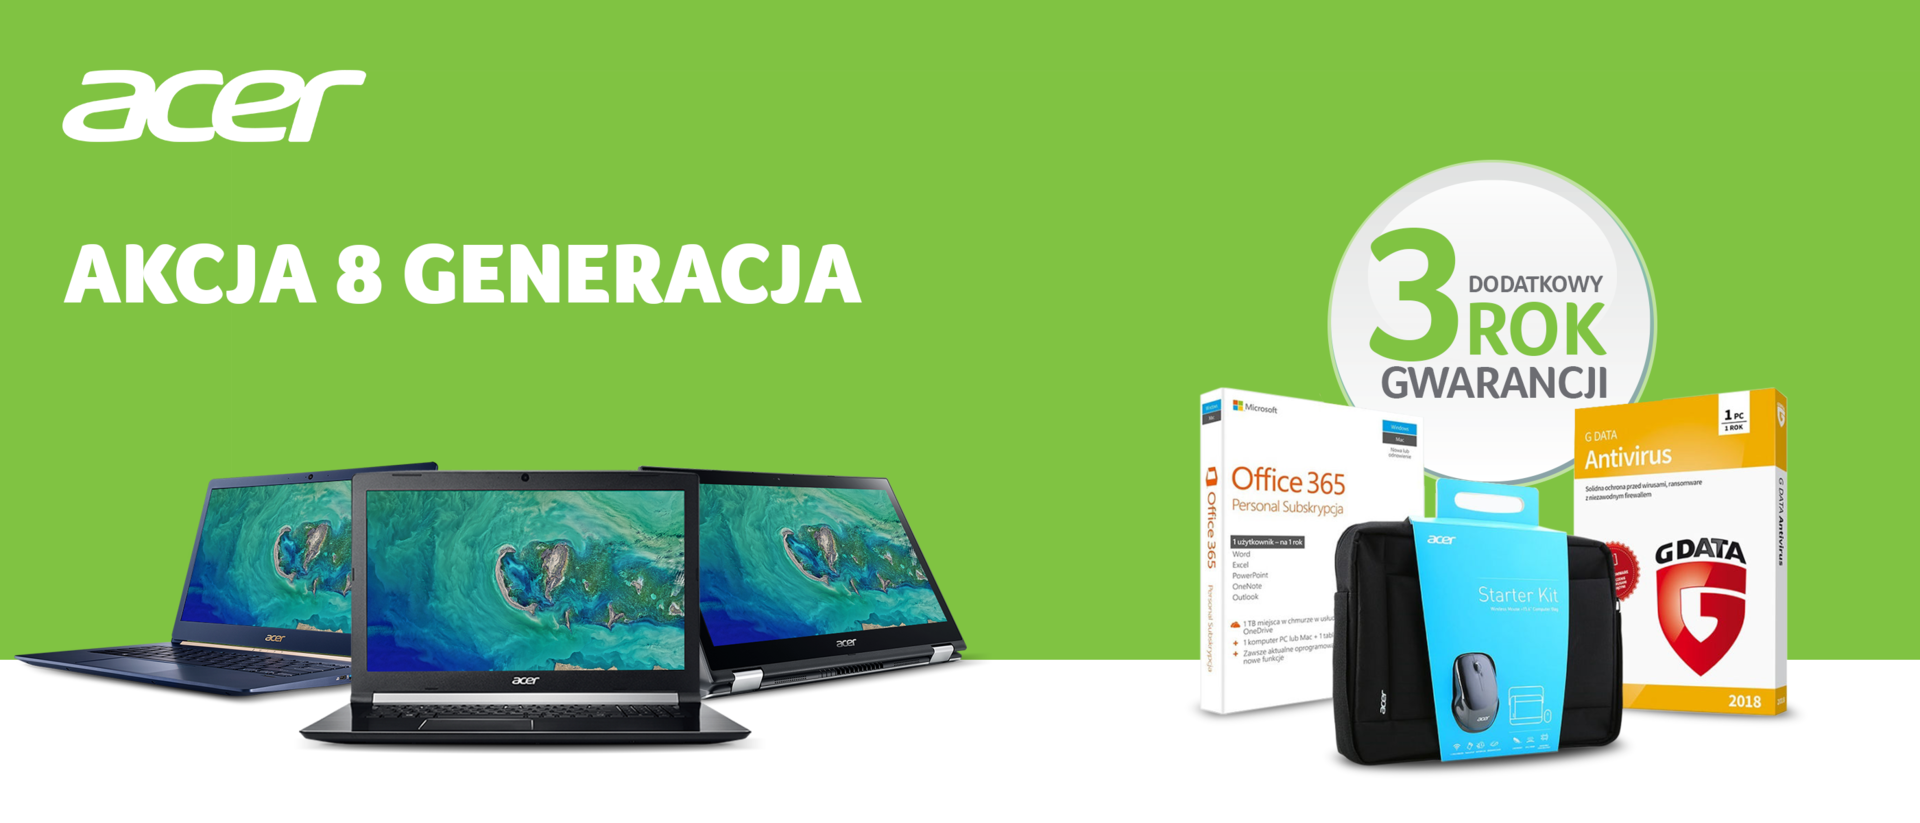 Acer stawia na laptopy z procesorami Intel Core 8. generacji i dodaje wyjątkowy pakiet